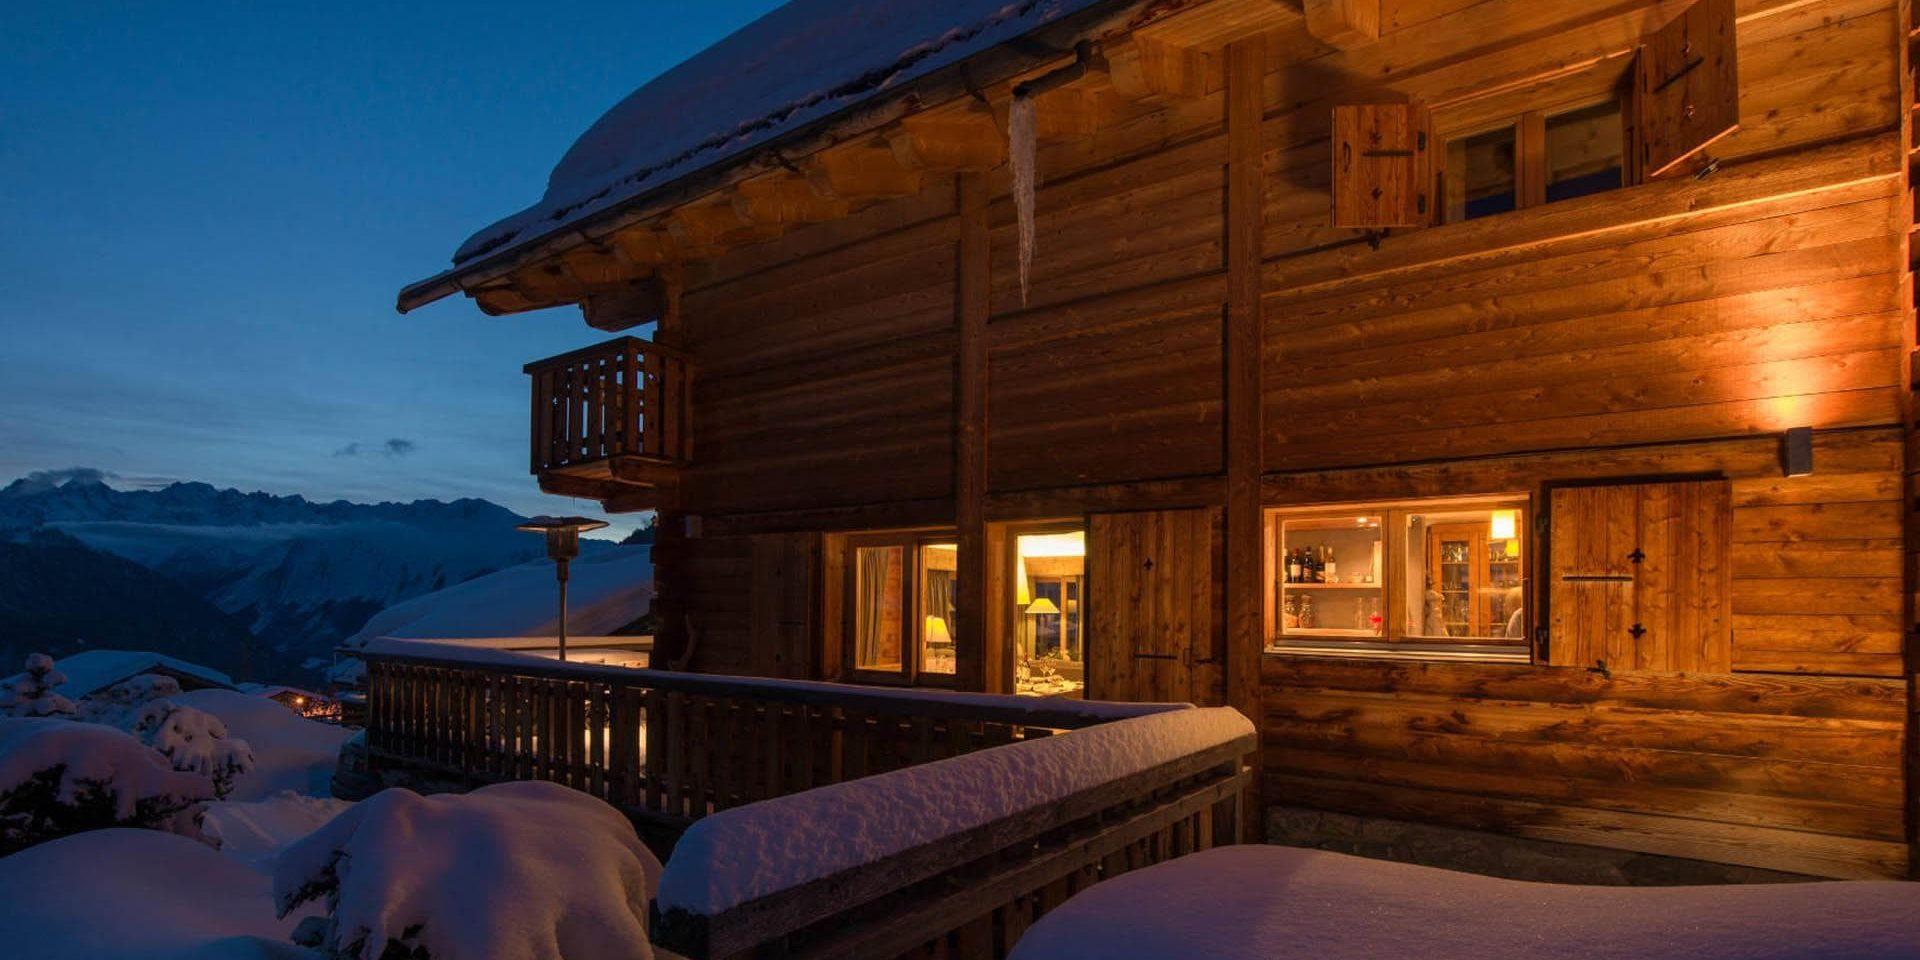 Chalet Pierre Avoi Verbier Les 4 Vallees Zwitserland wintersport skivakantie luxe chalet zijkant balkon ligging sneeuw uitzicht bergen by night